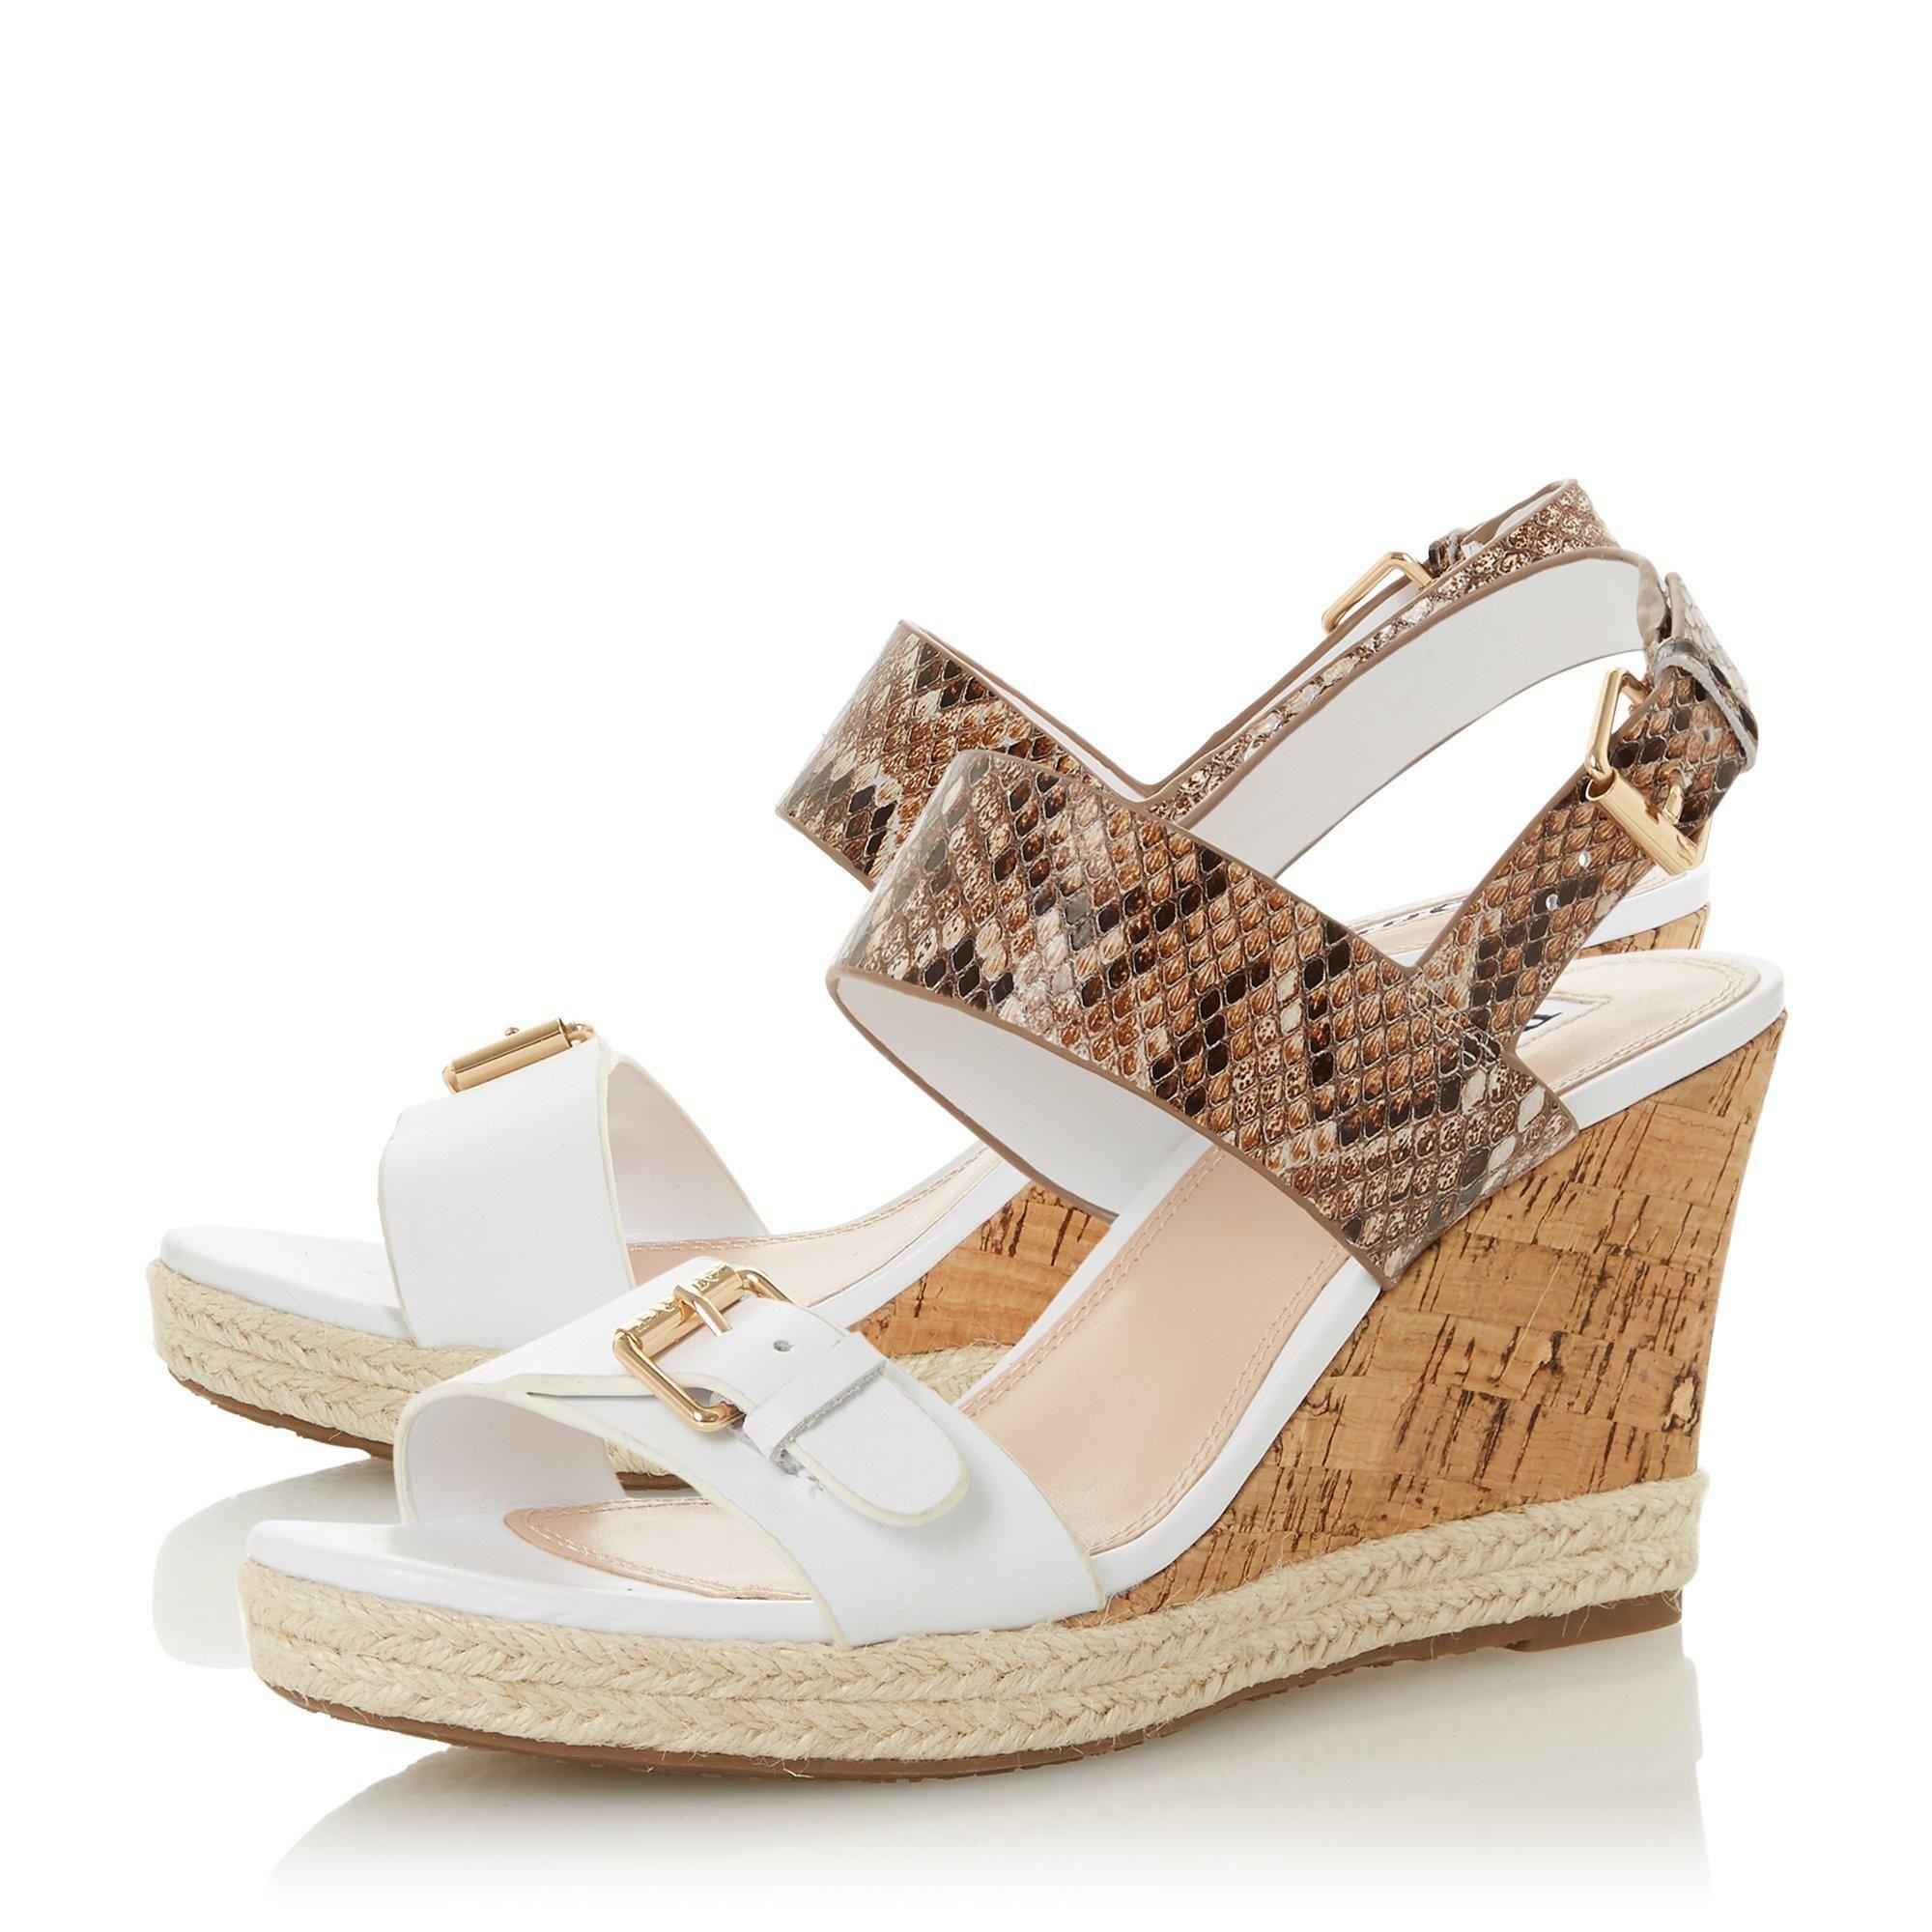 Dune Ladies KENDYL Leather Wedge Sandals